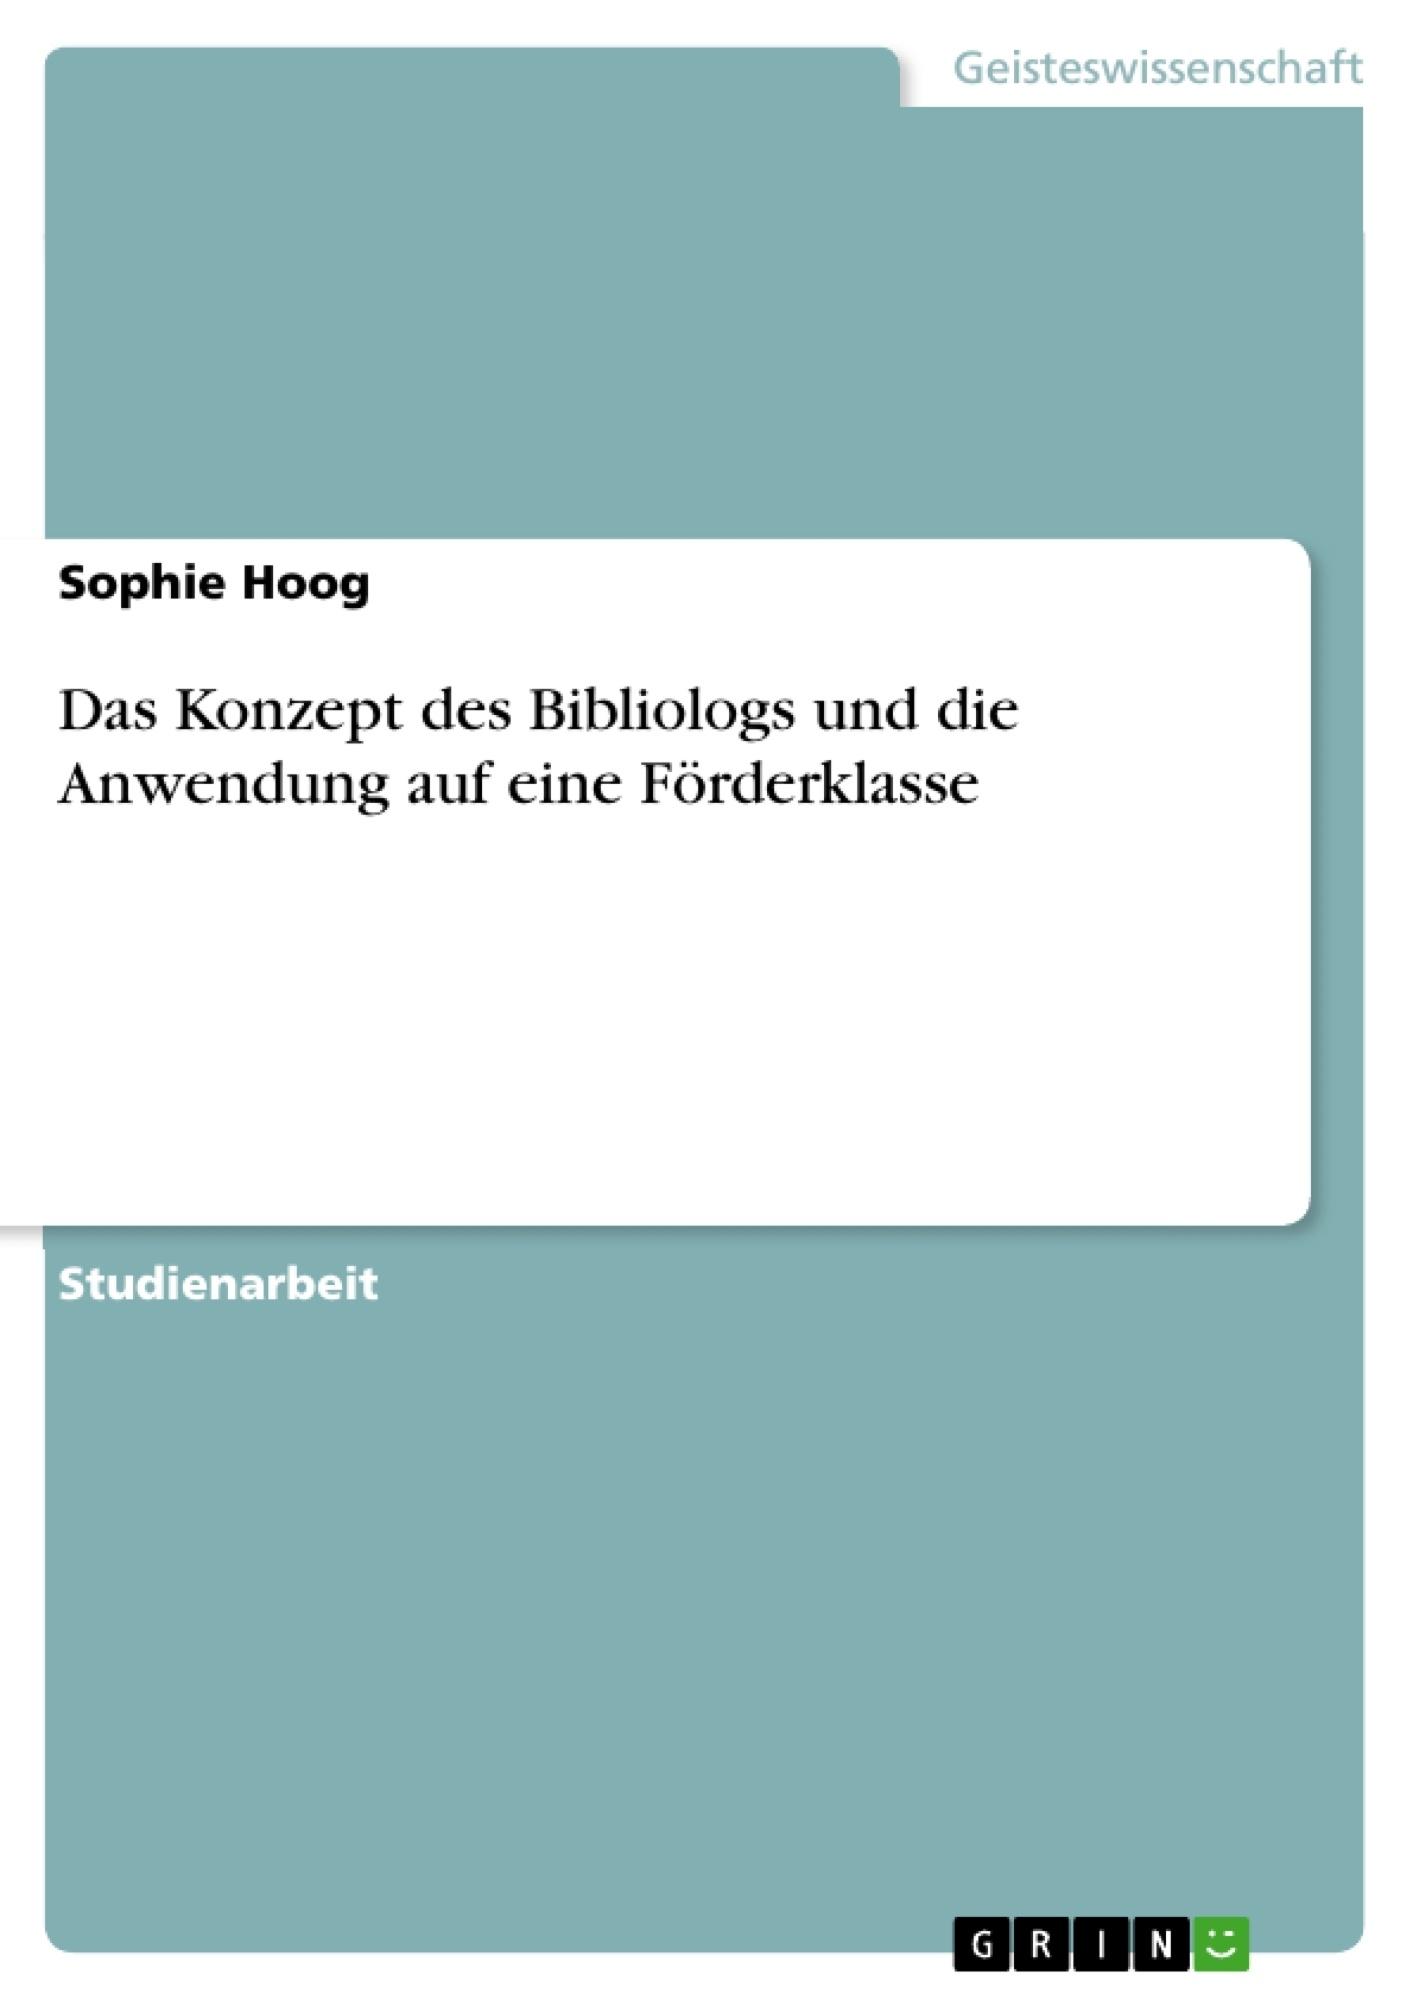 Titel: Das Konzept des Bibliologs und die Anwendung auf eine Förderklasse